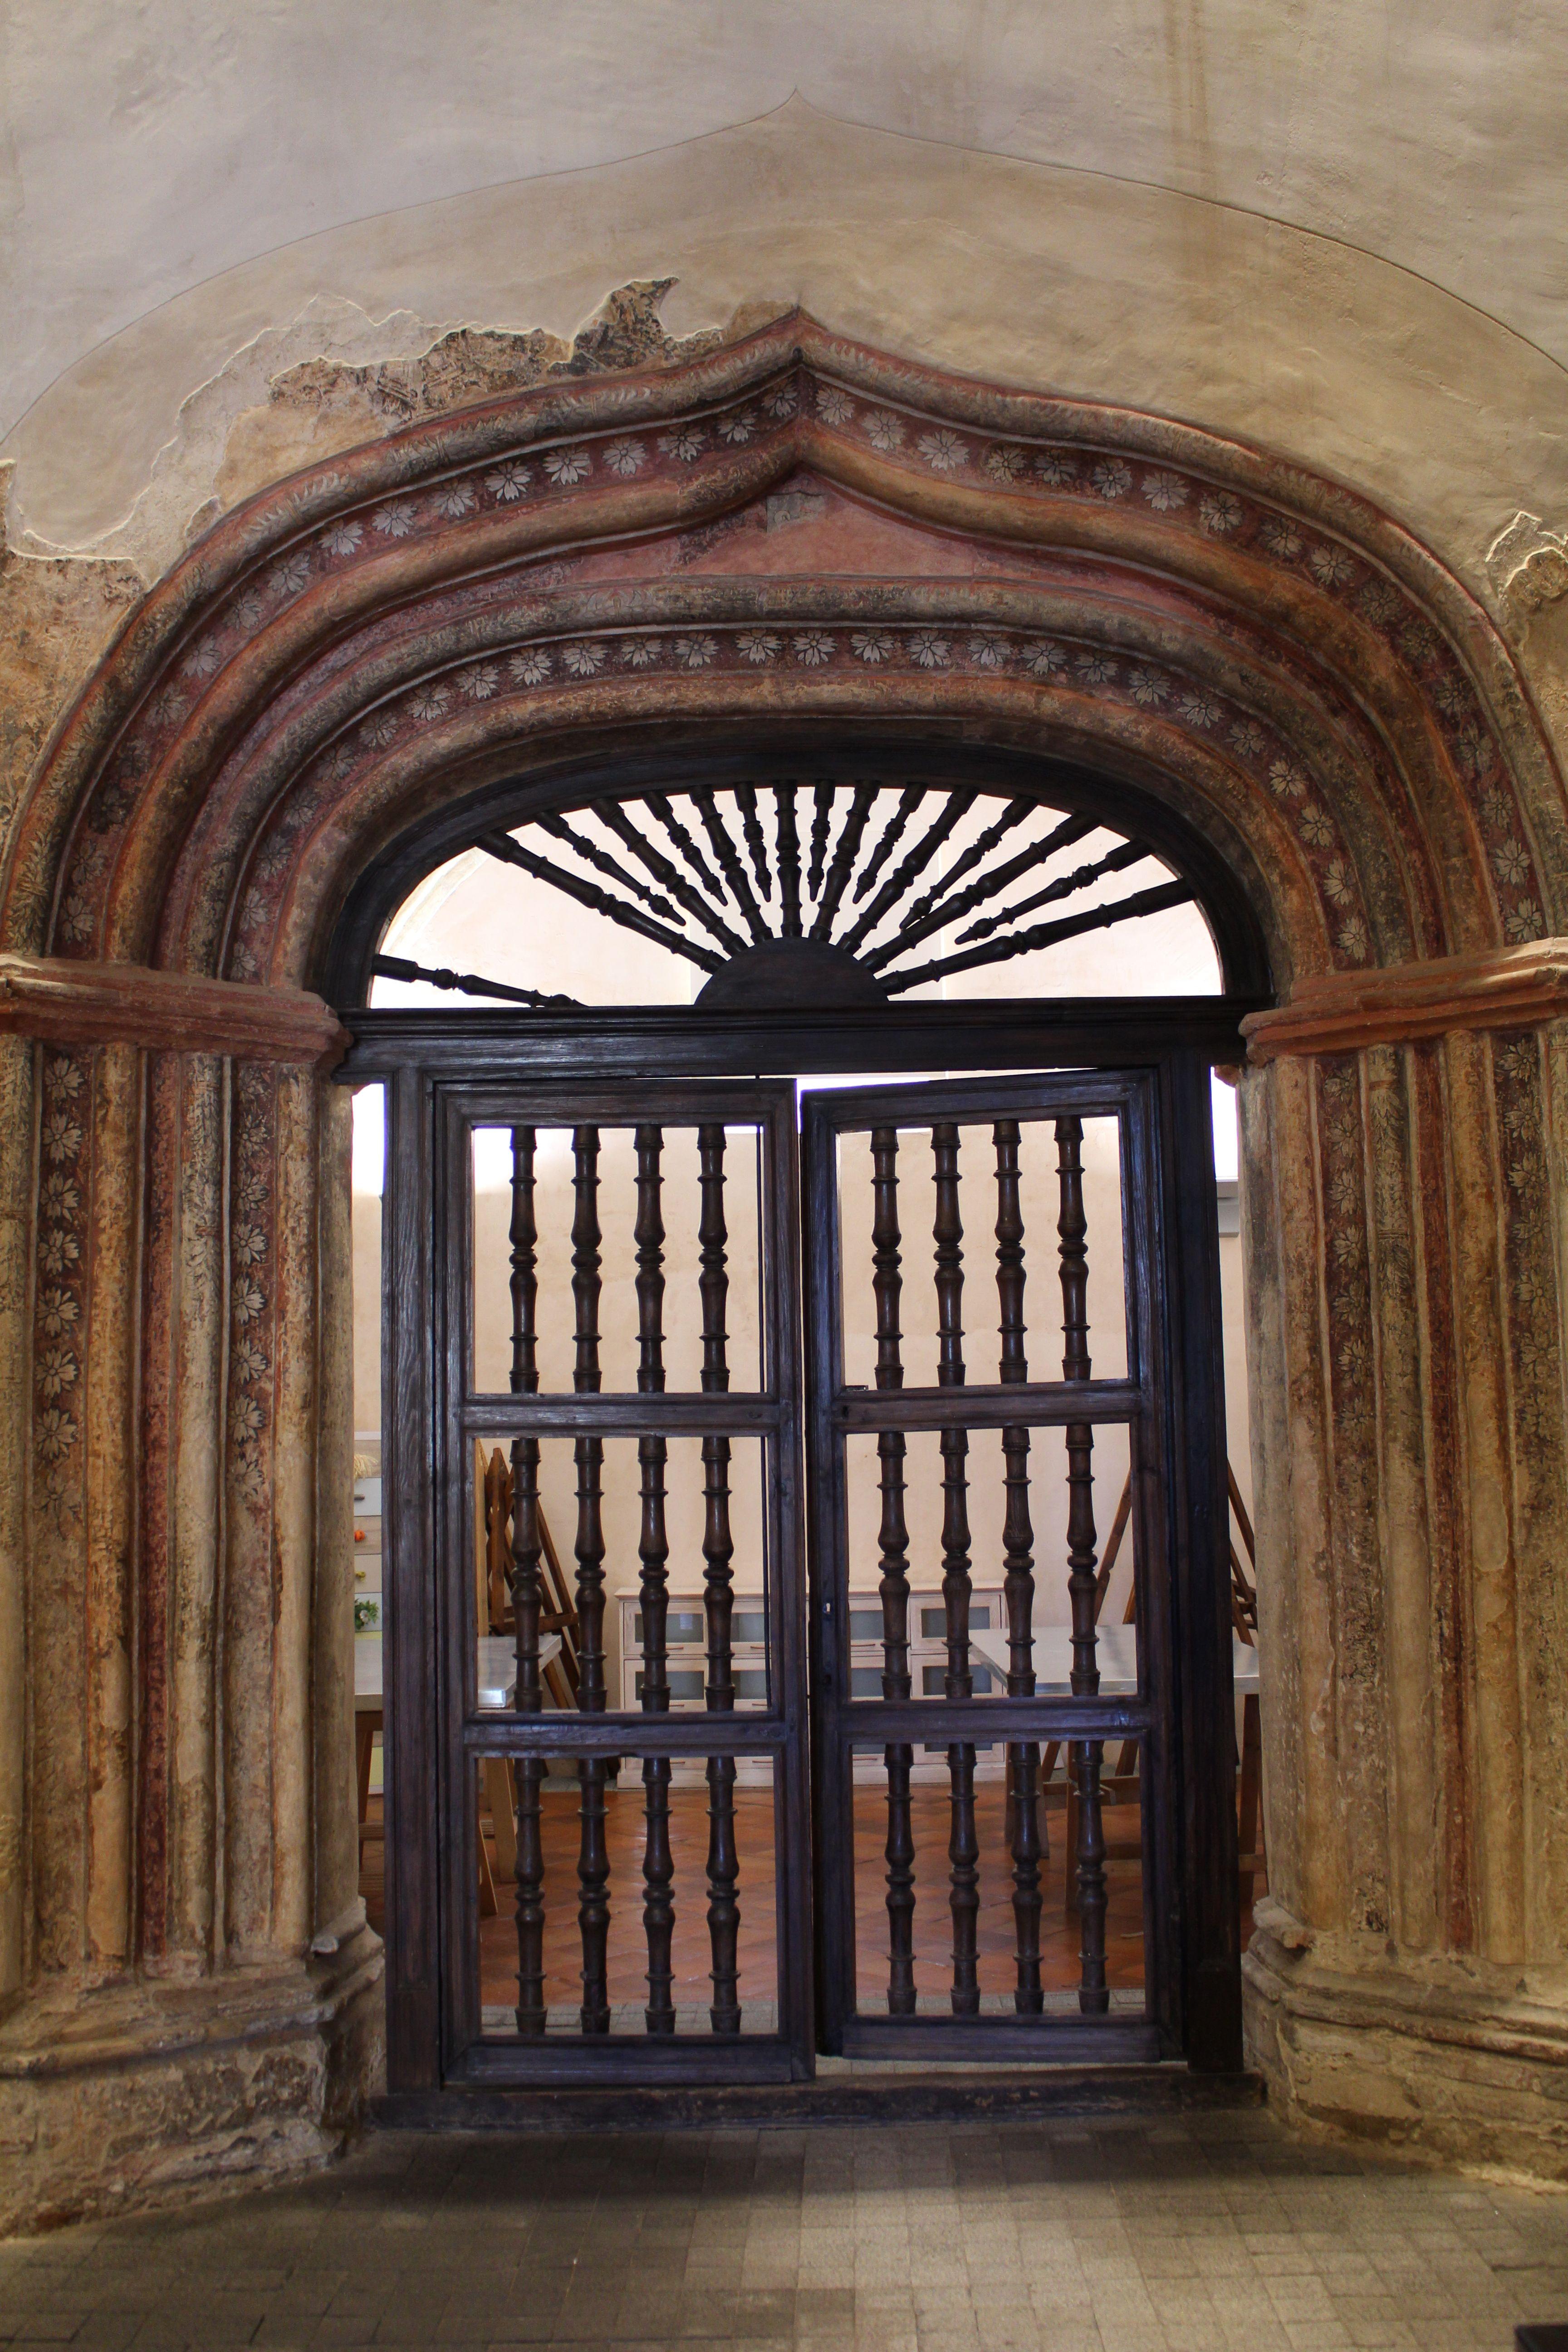 Iglesia del Salvador. Capilla. El arco de entrada es de estilo conopial y esta decorada a base de pintura mural